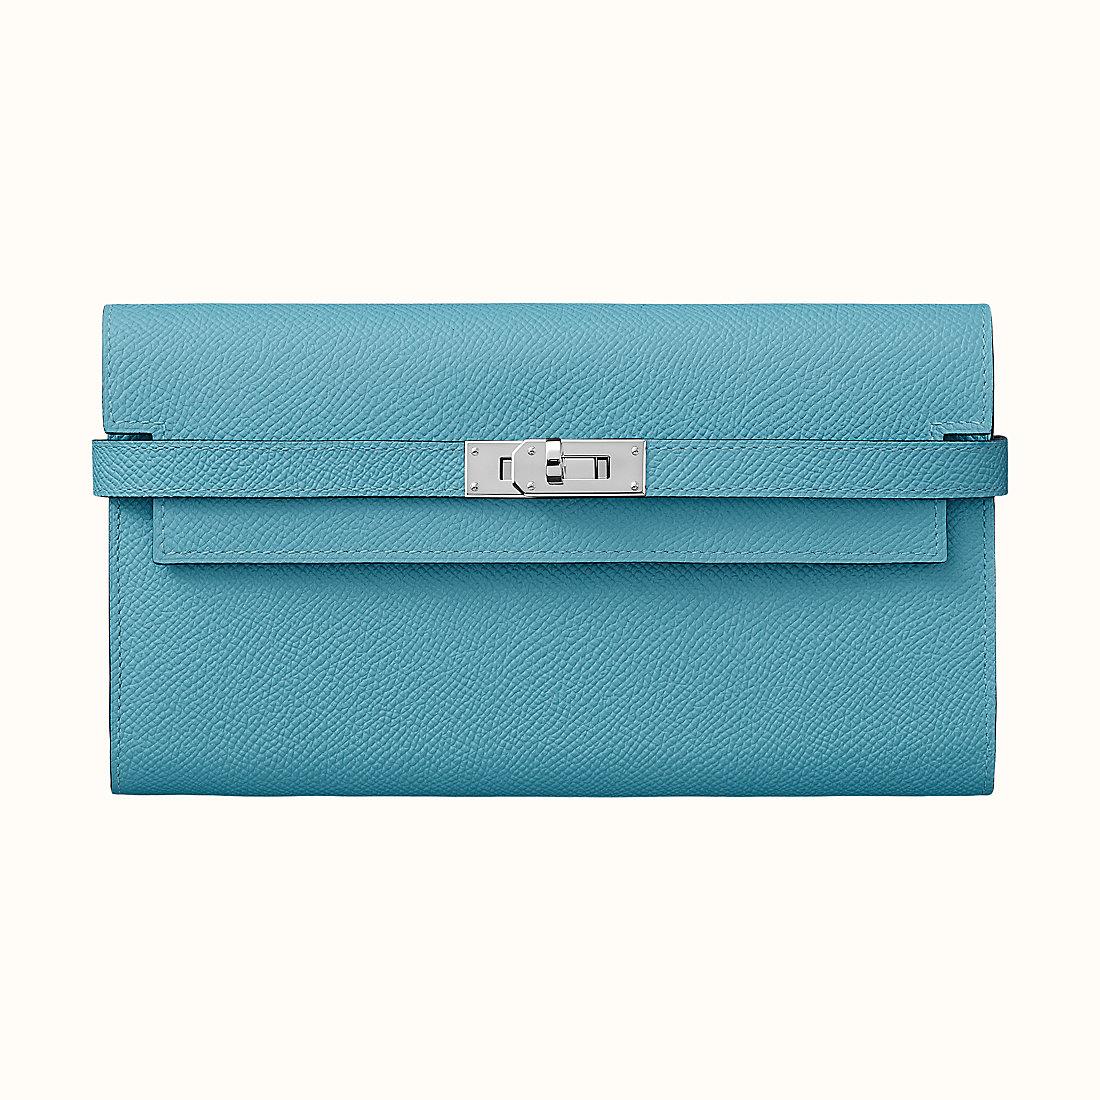 臺灣新竹市 Hermes Kelly classic verso wallet Bleu Du Nord/Rouge De Cœur